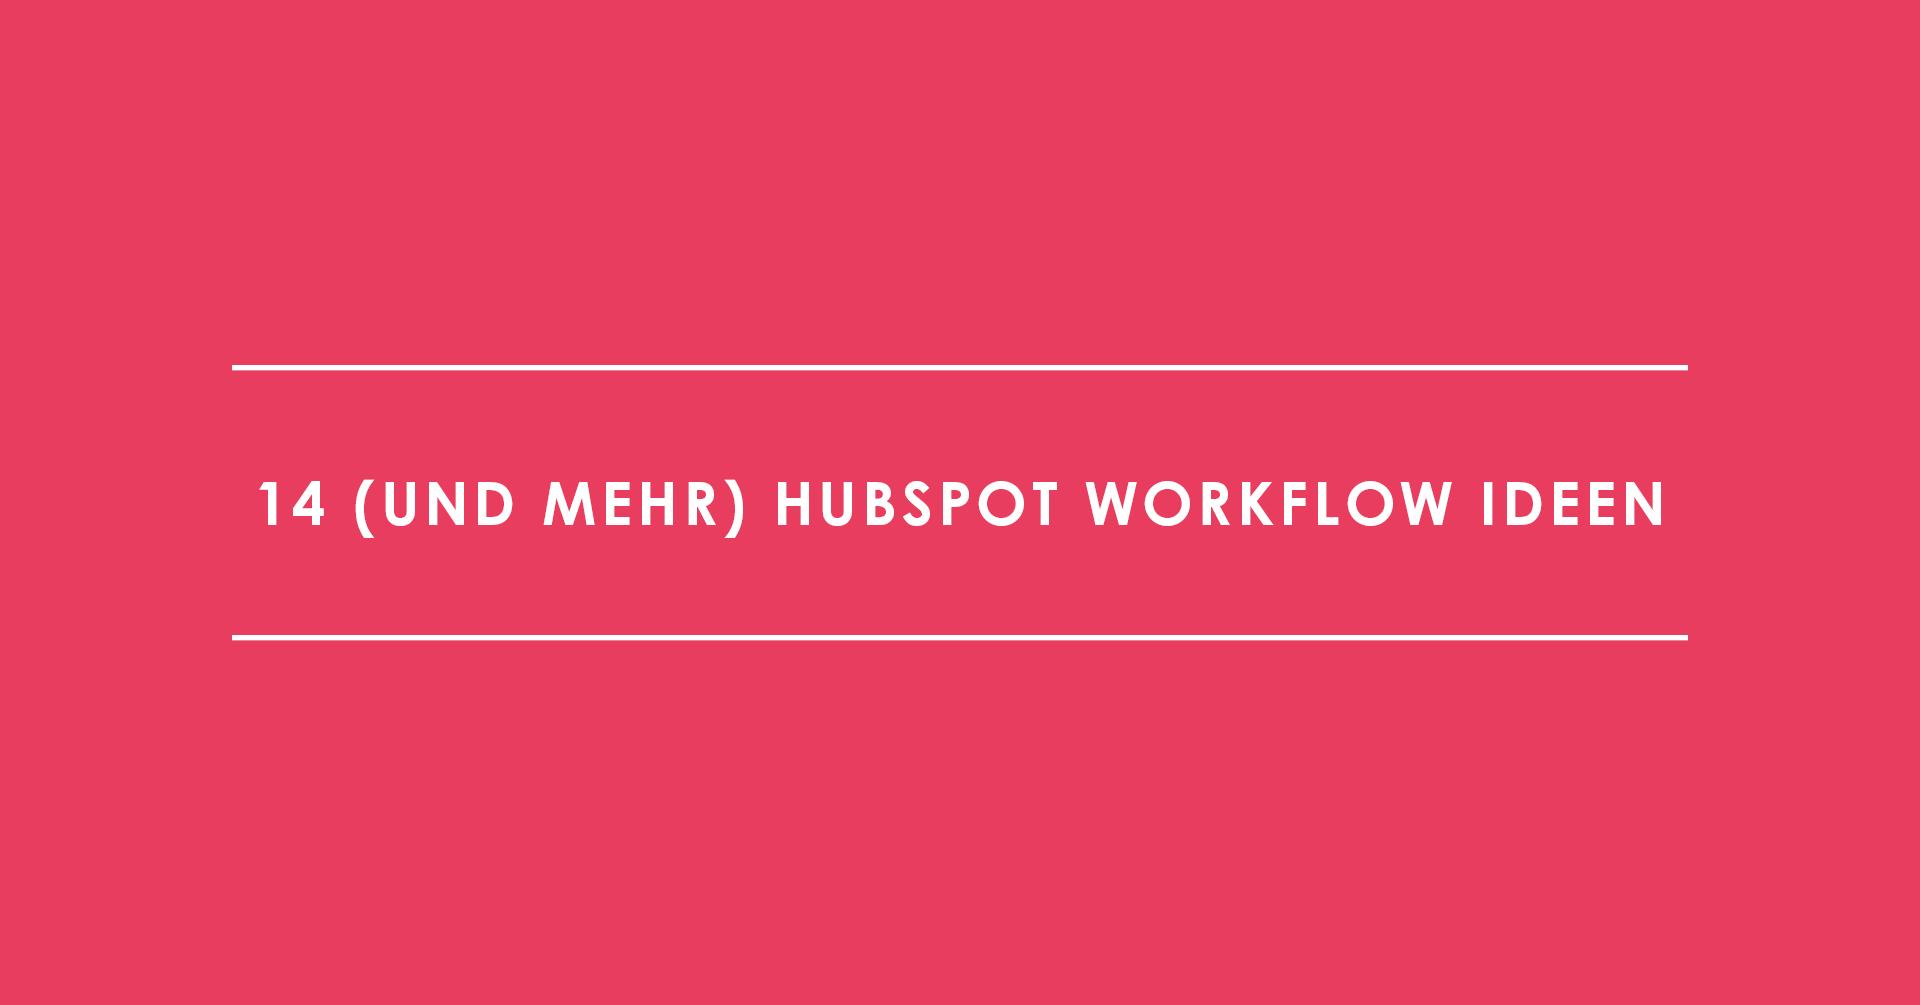 14 (und mehr) HubSpot Workflow Ideen